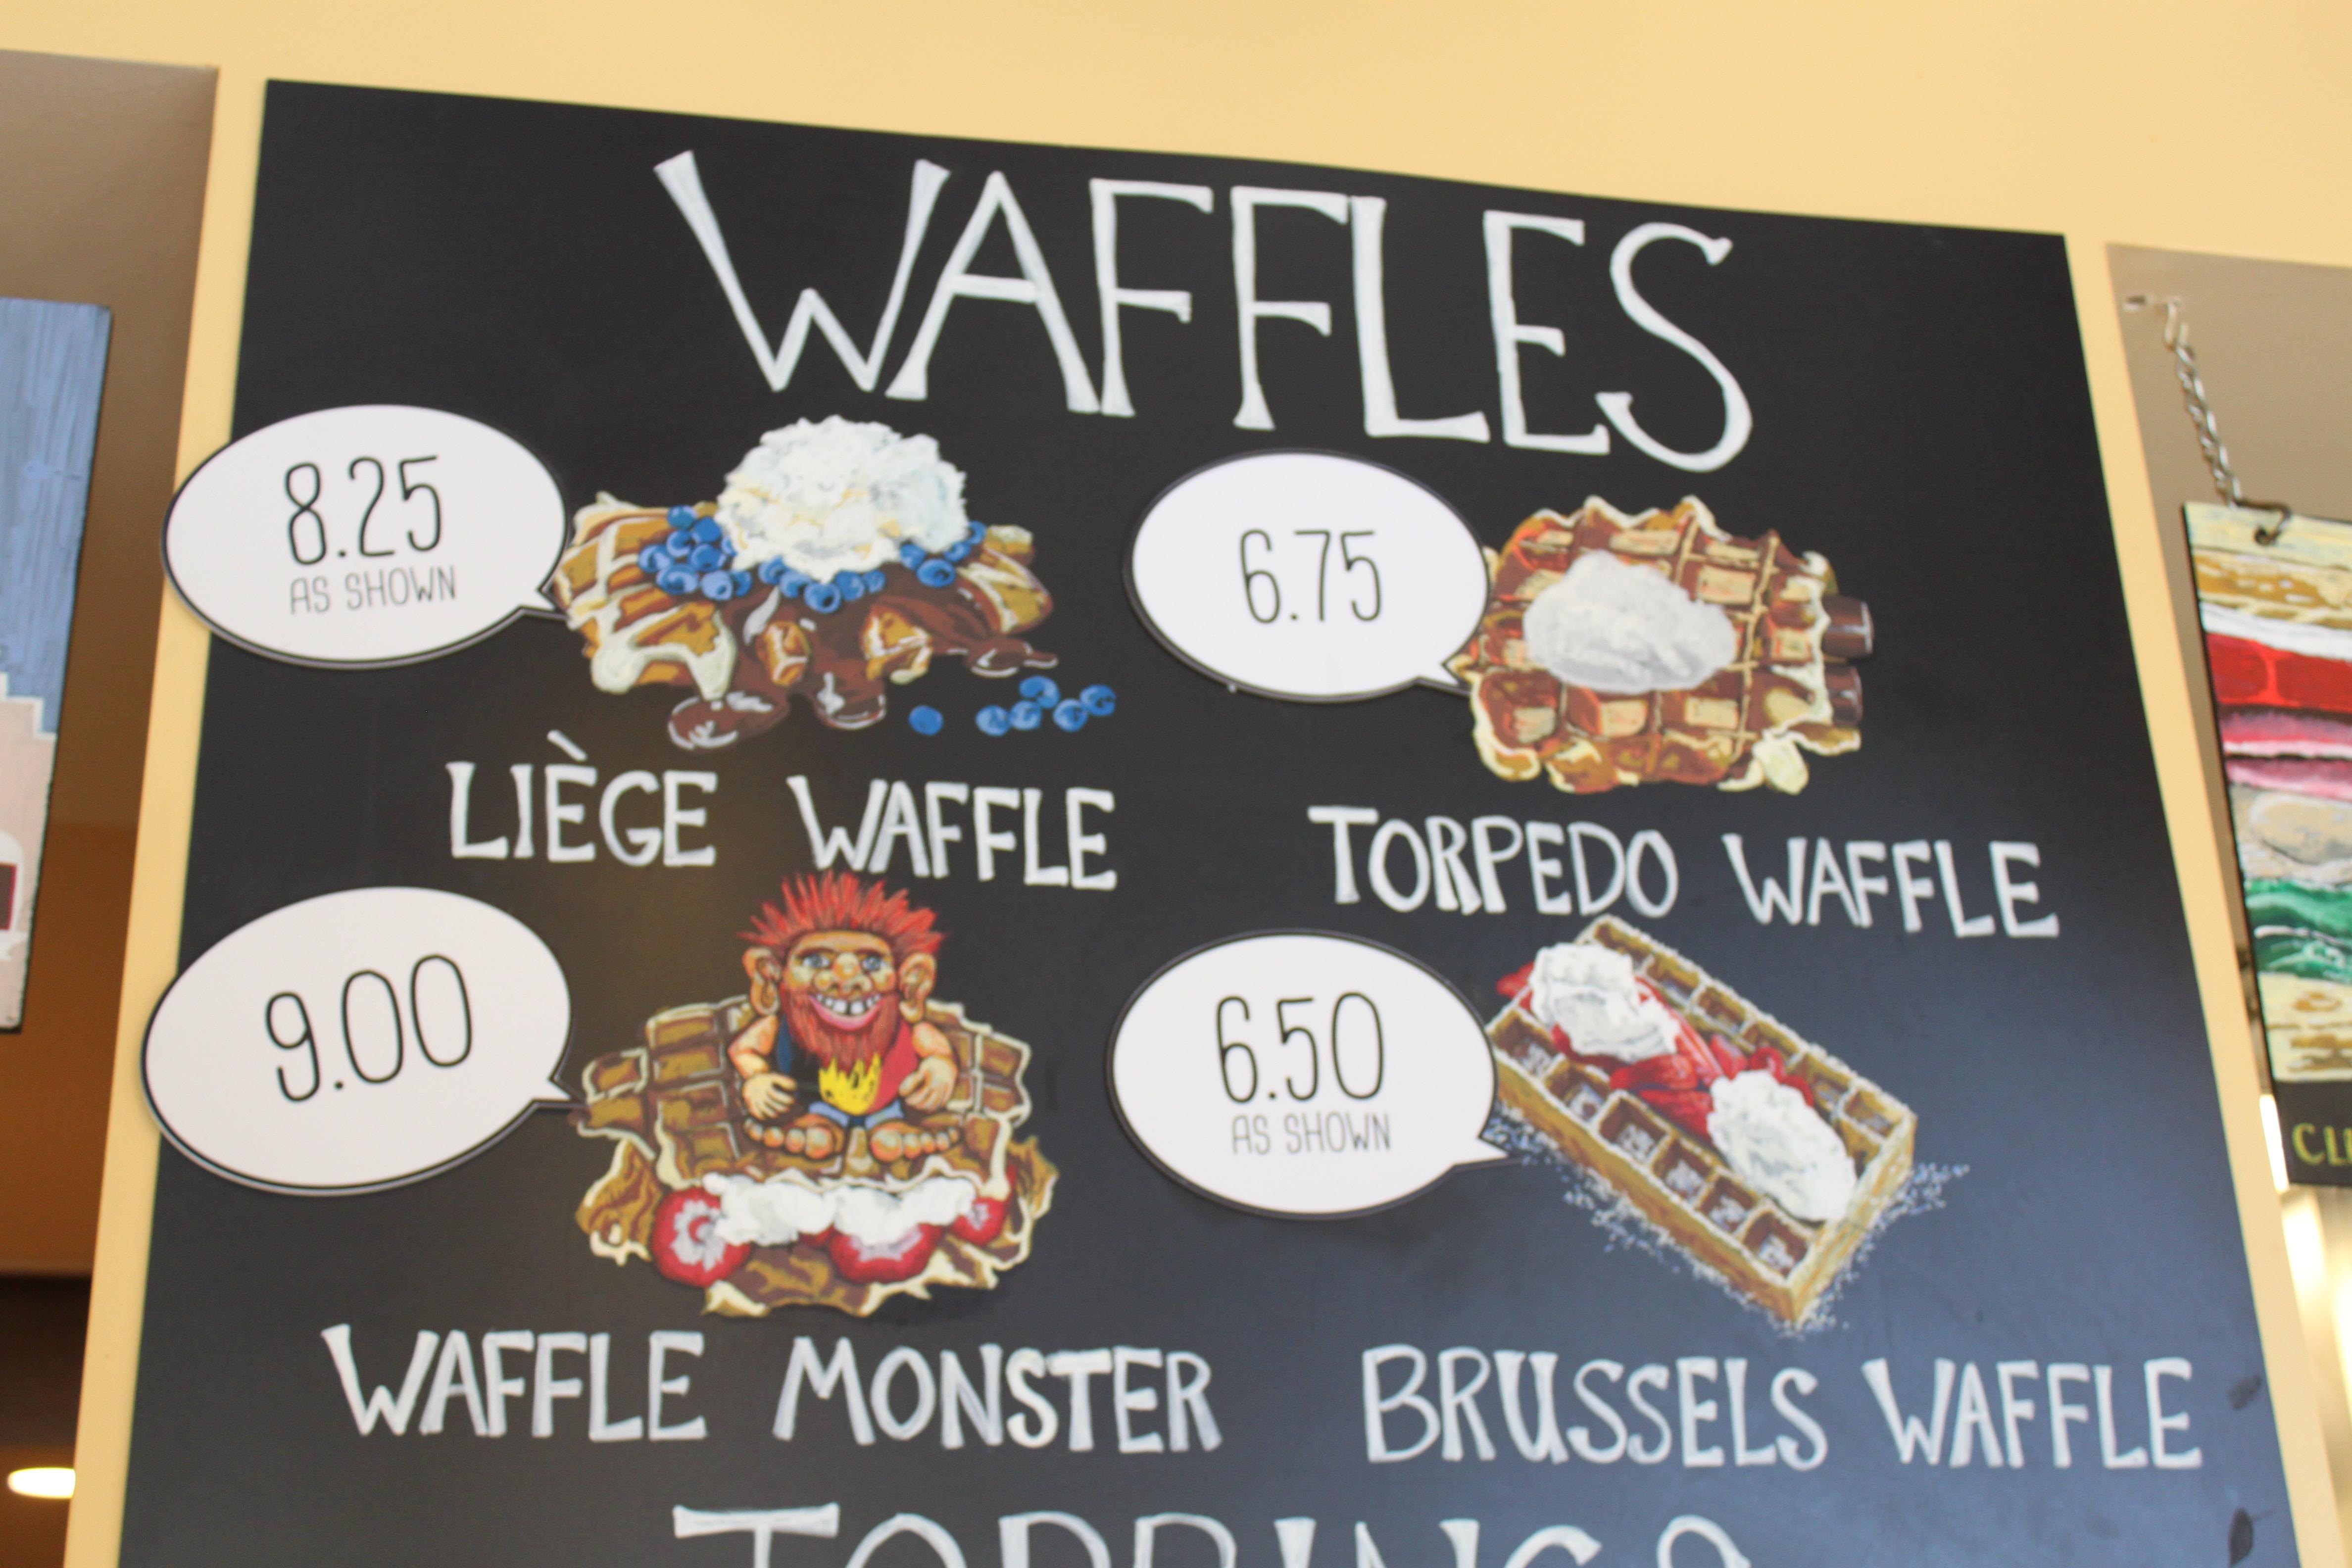 Bruges Waffles & Frites image 2